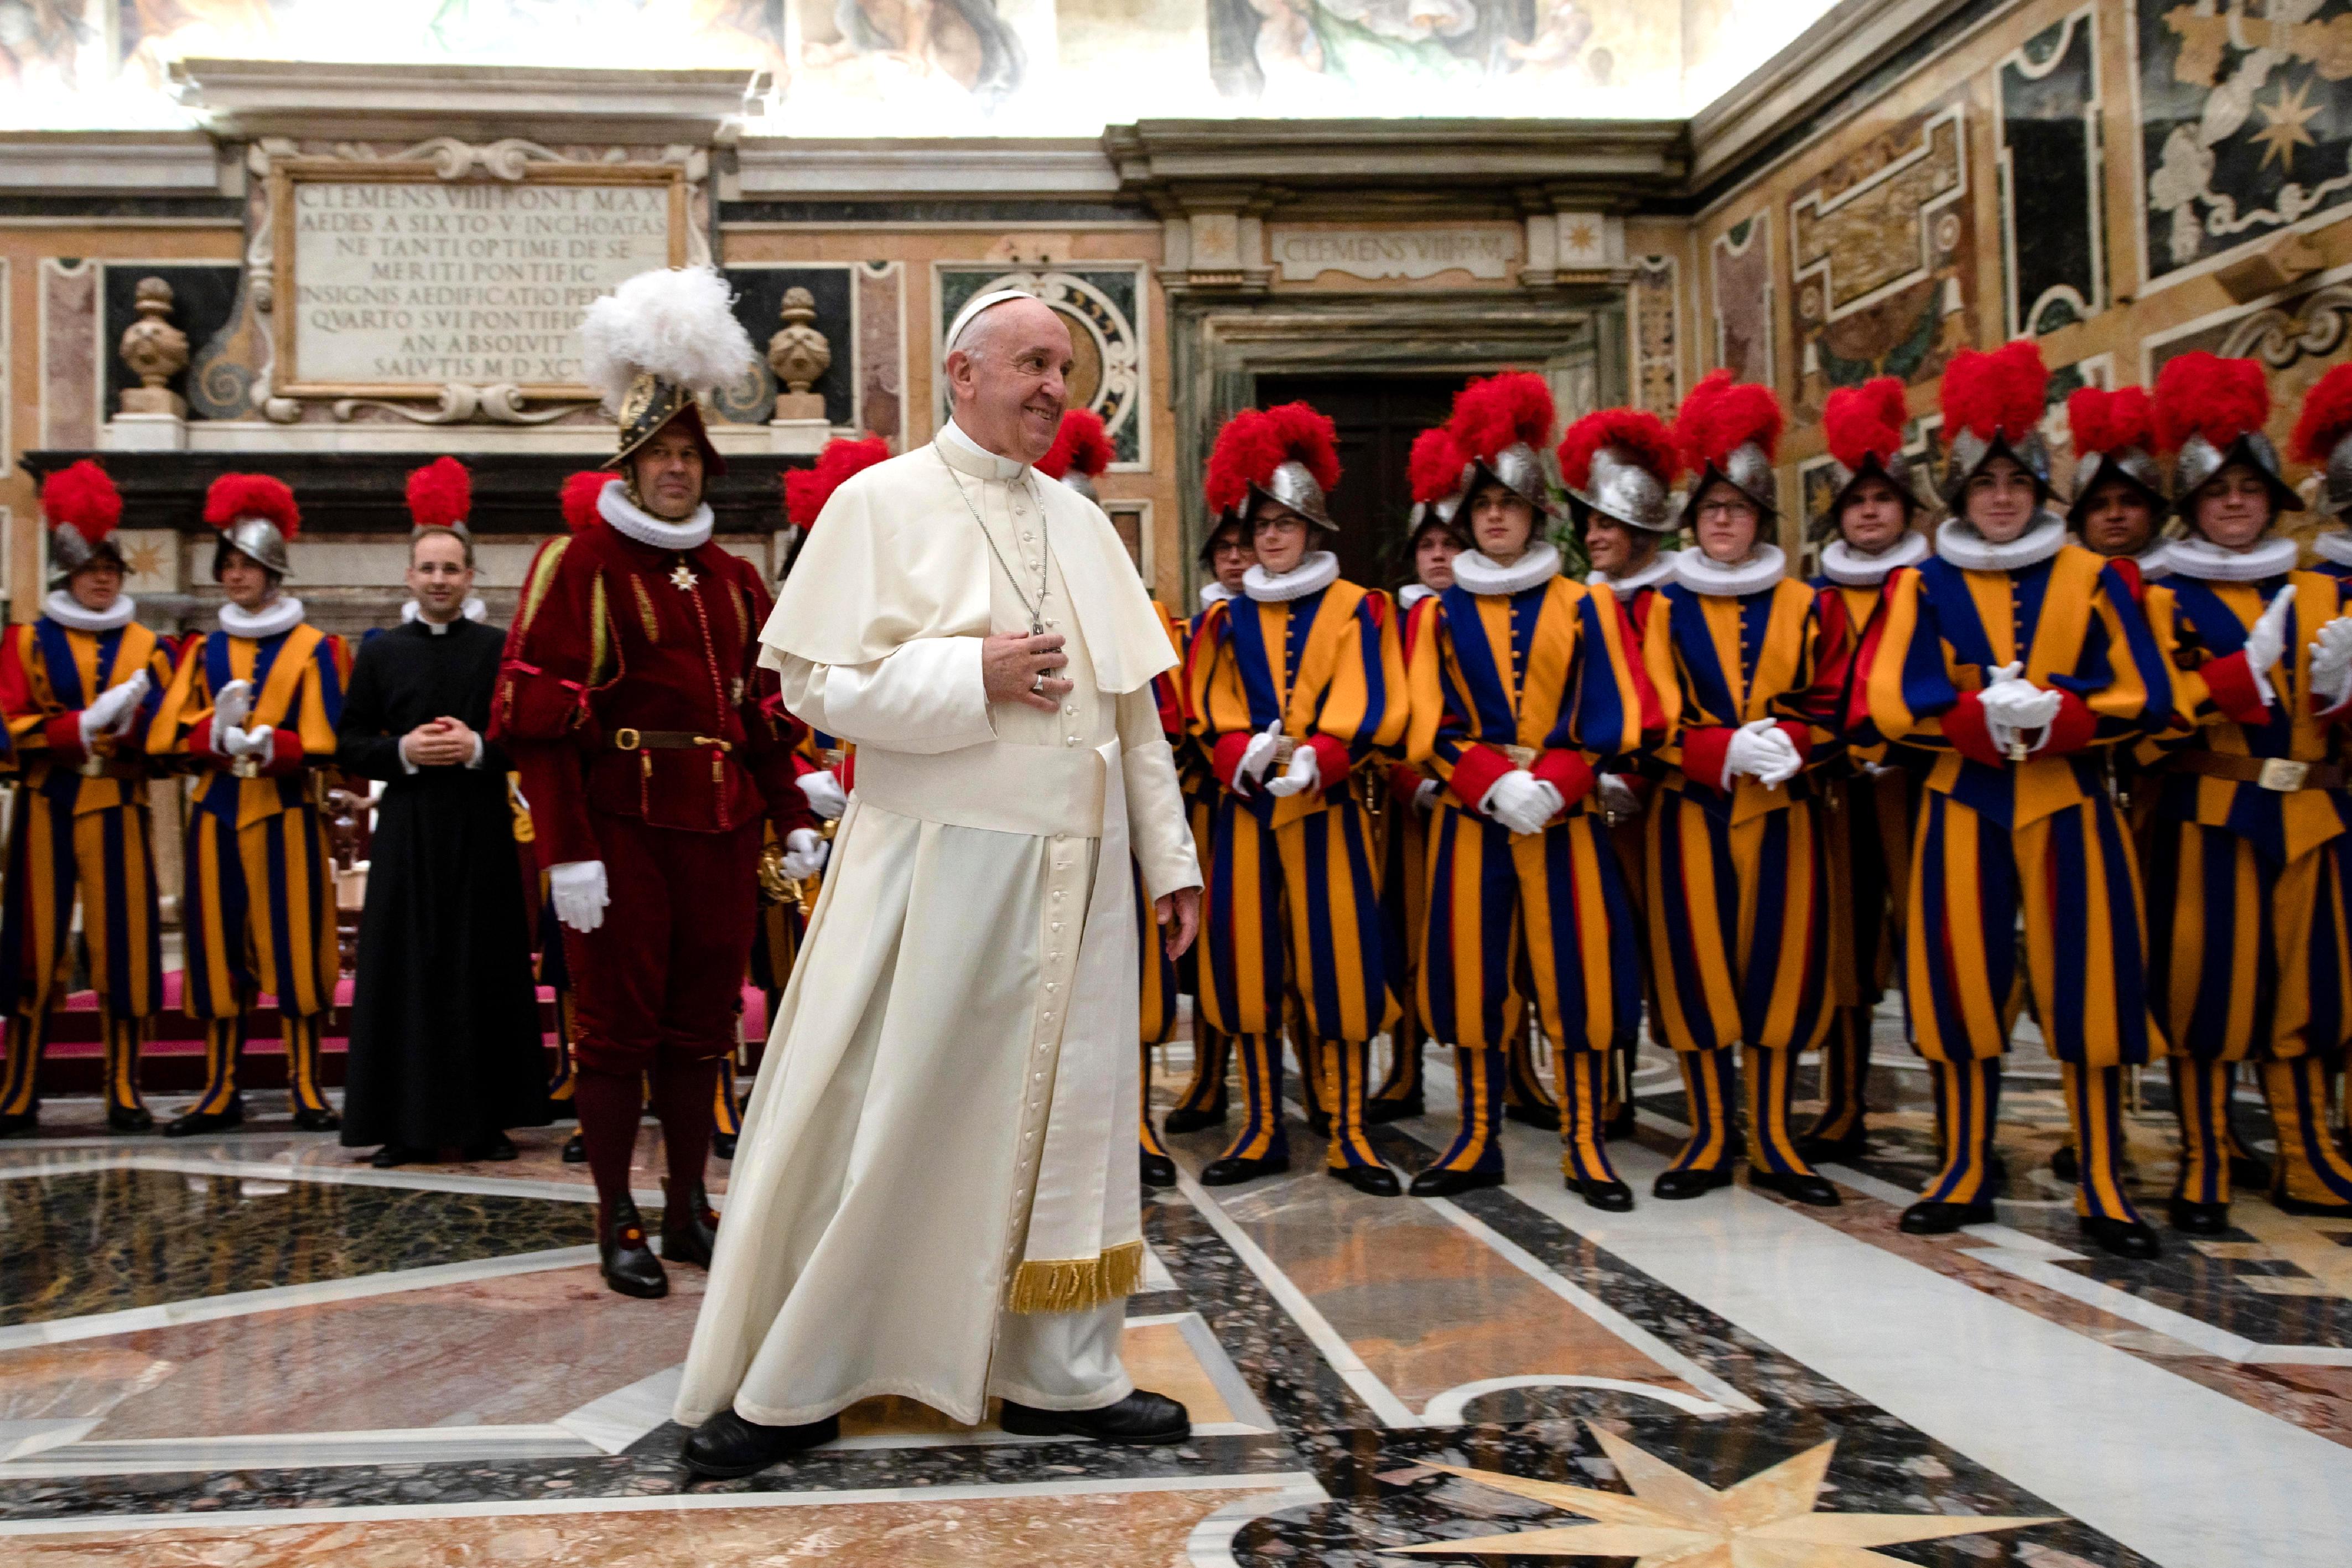 Soldaten van de paus